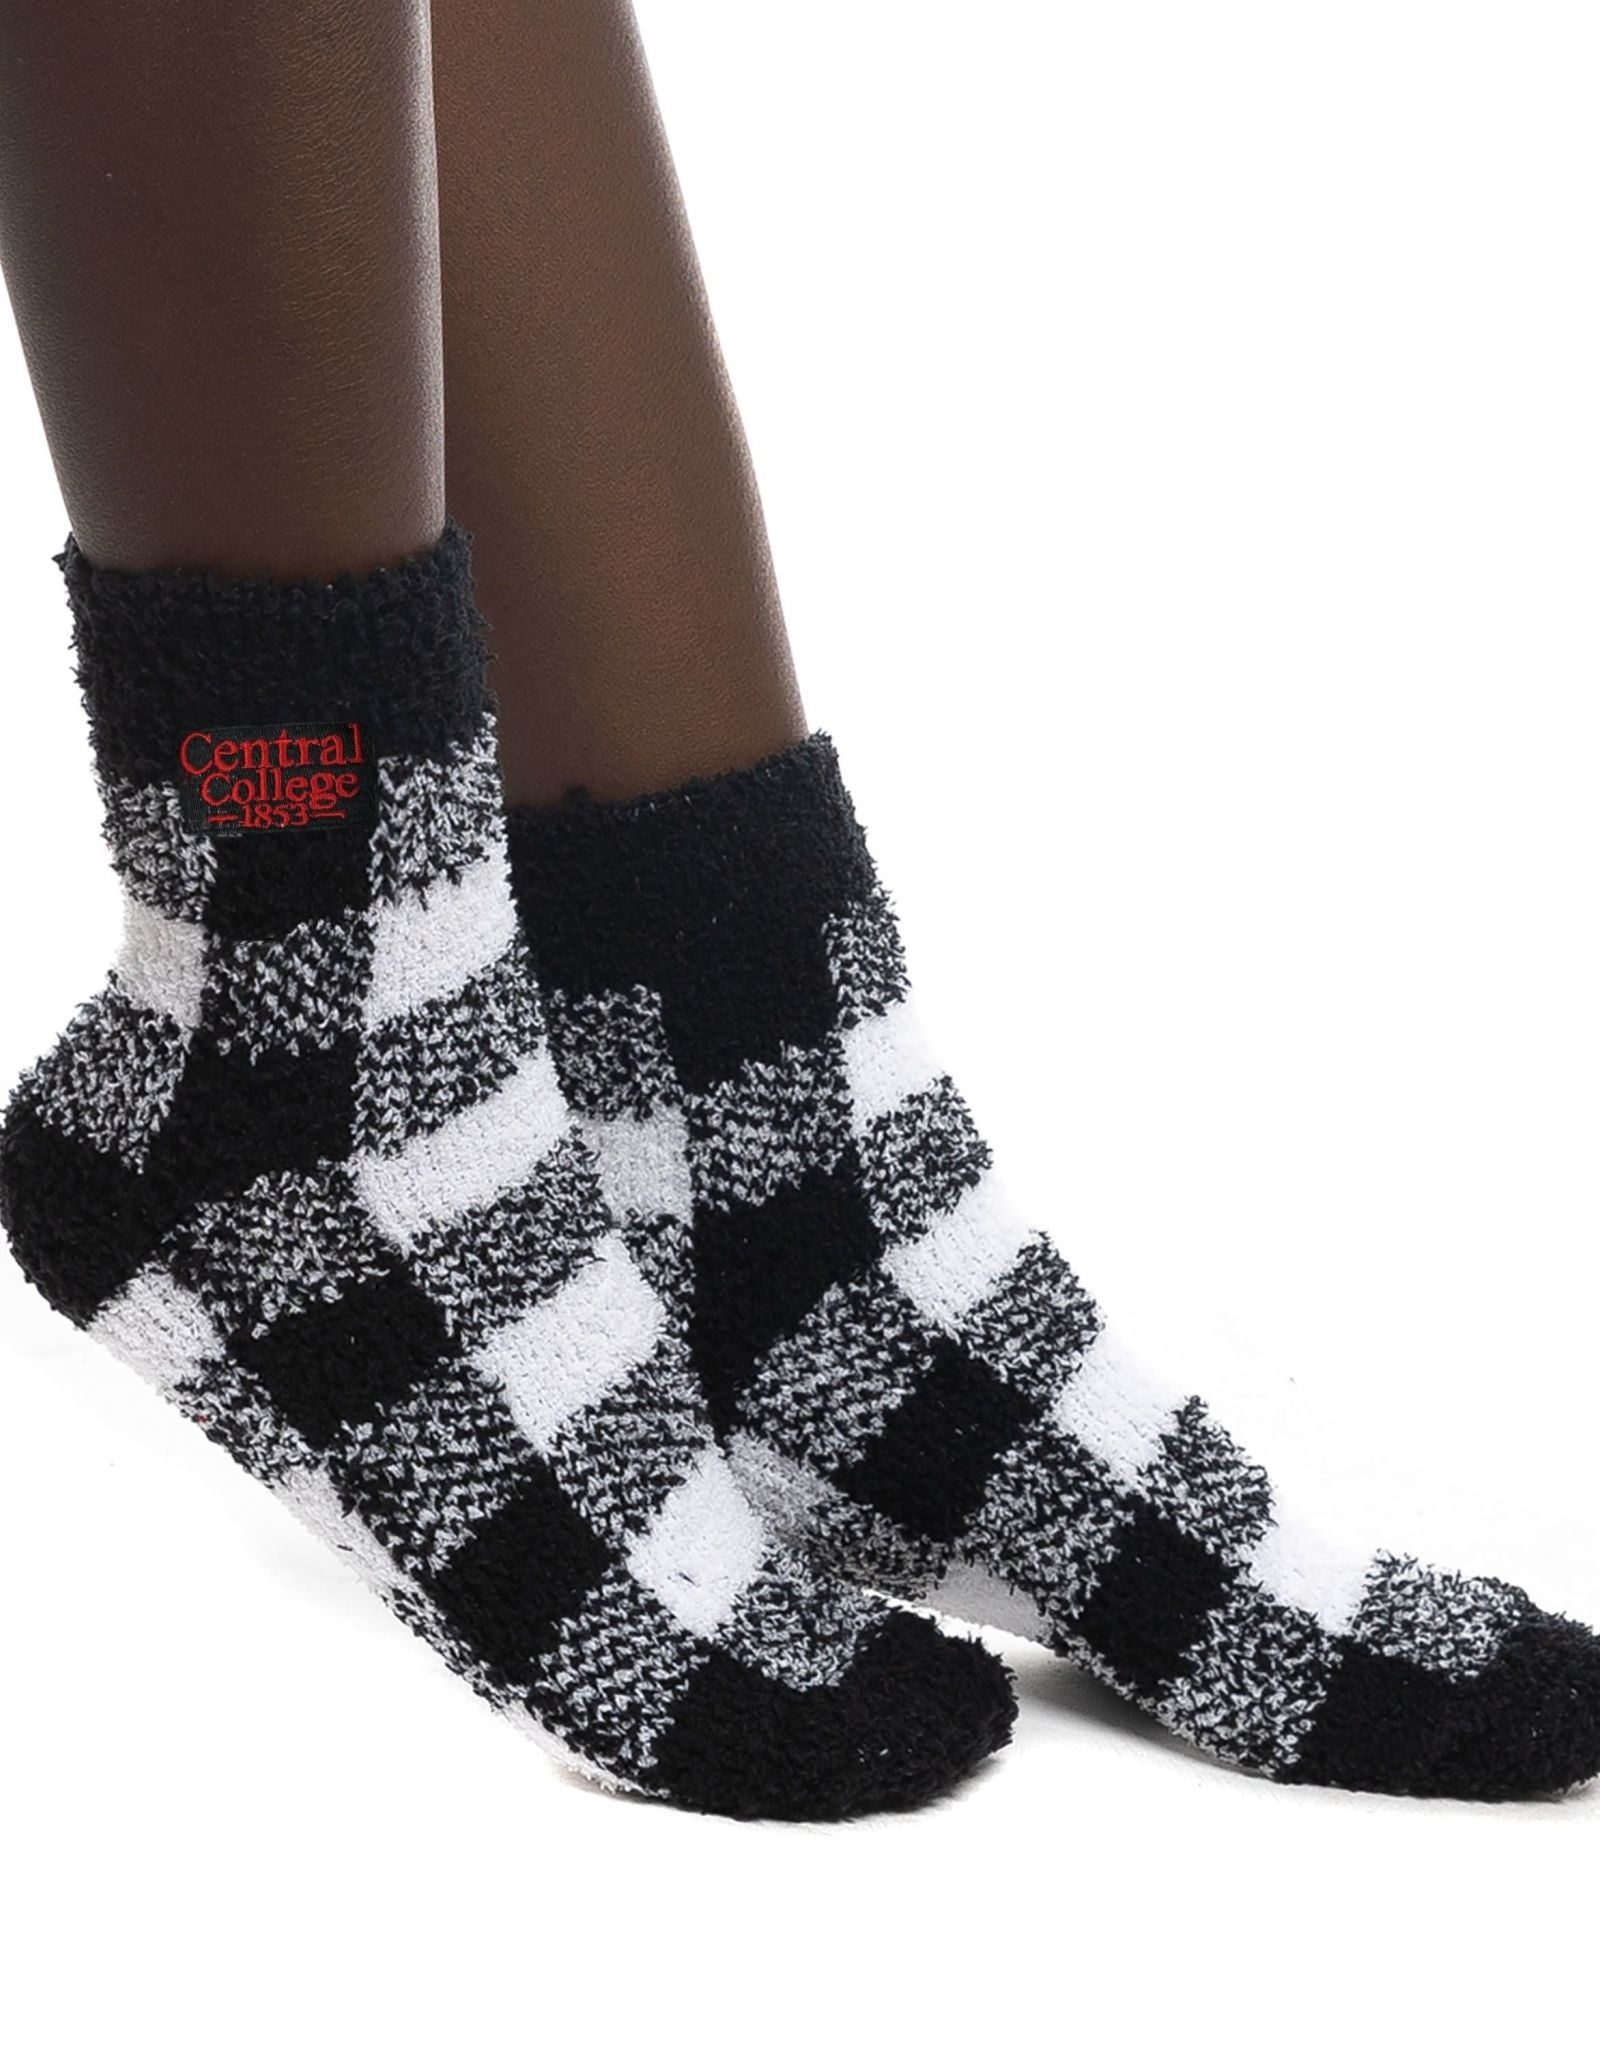 ZooZats ZooZats Buffalo Plaid Sock